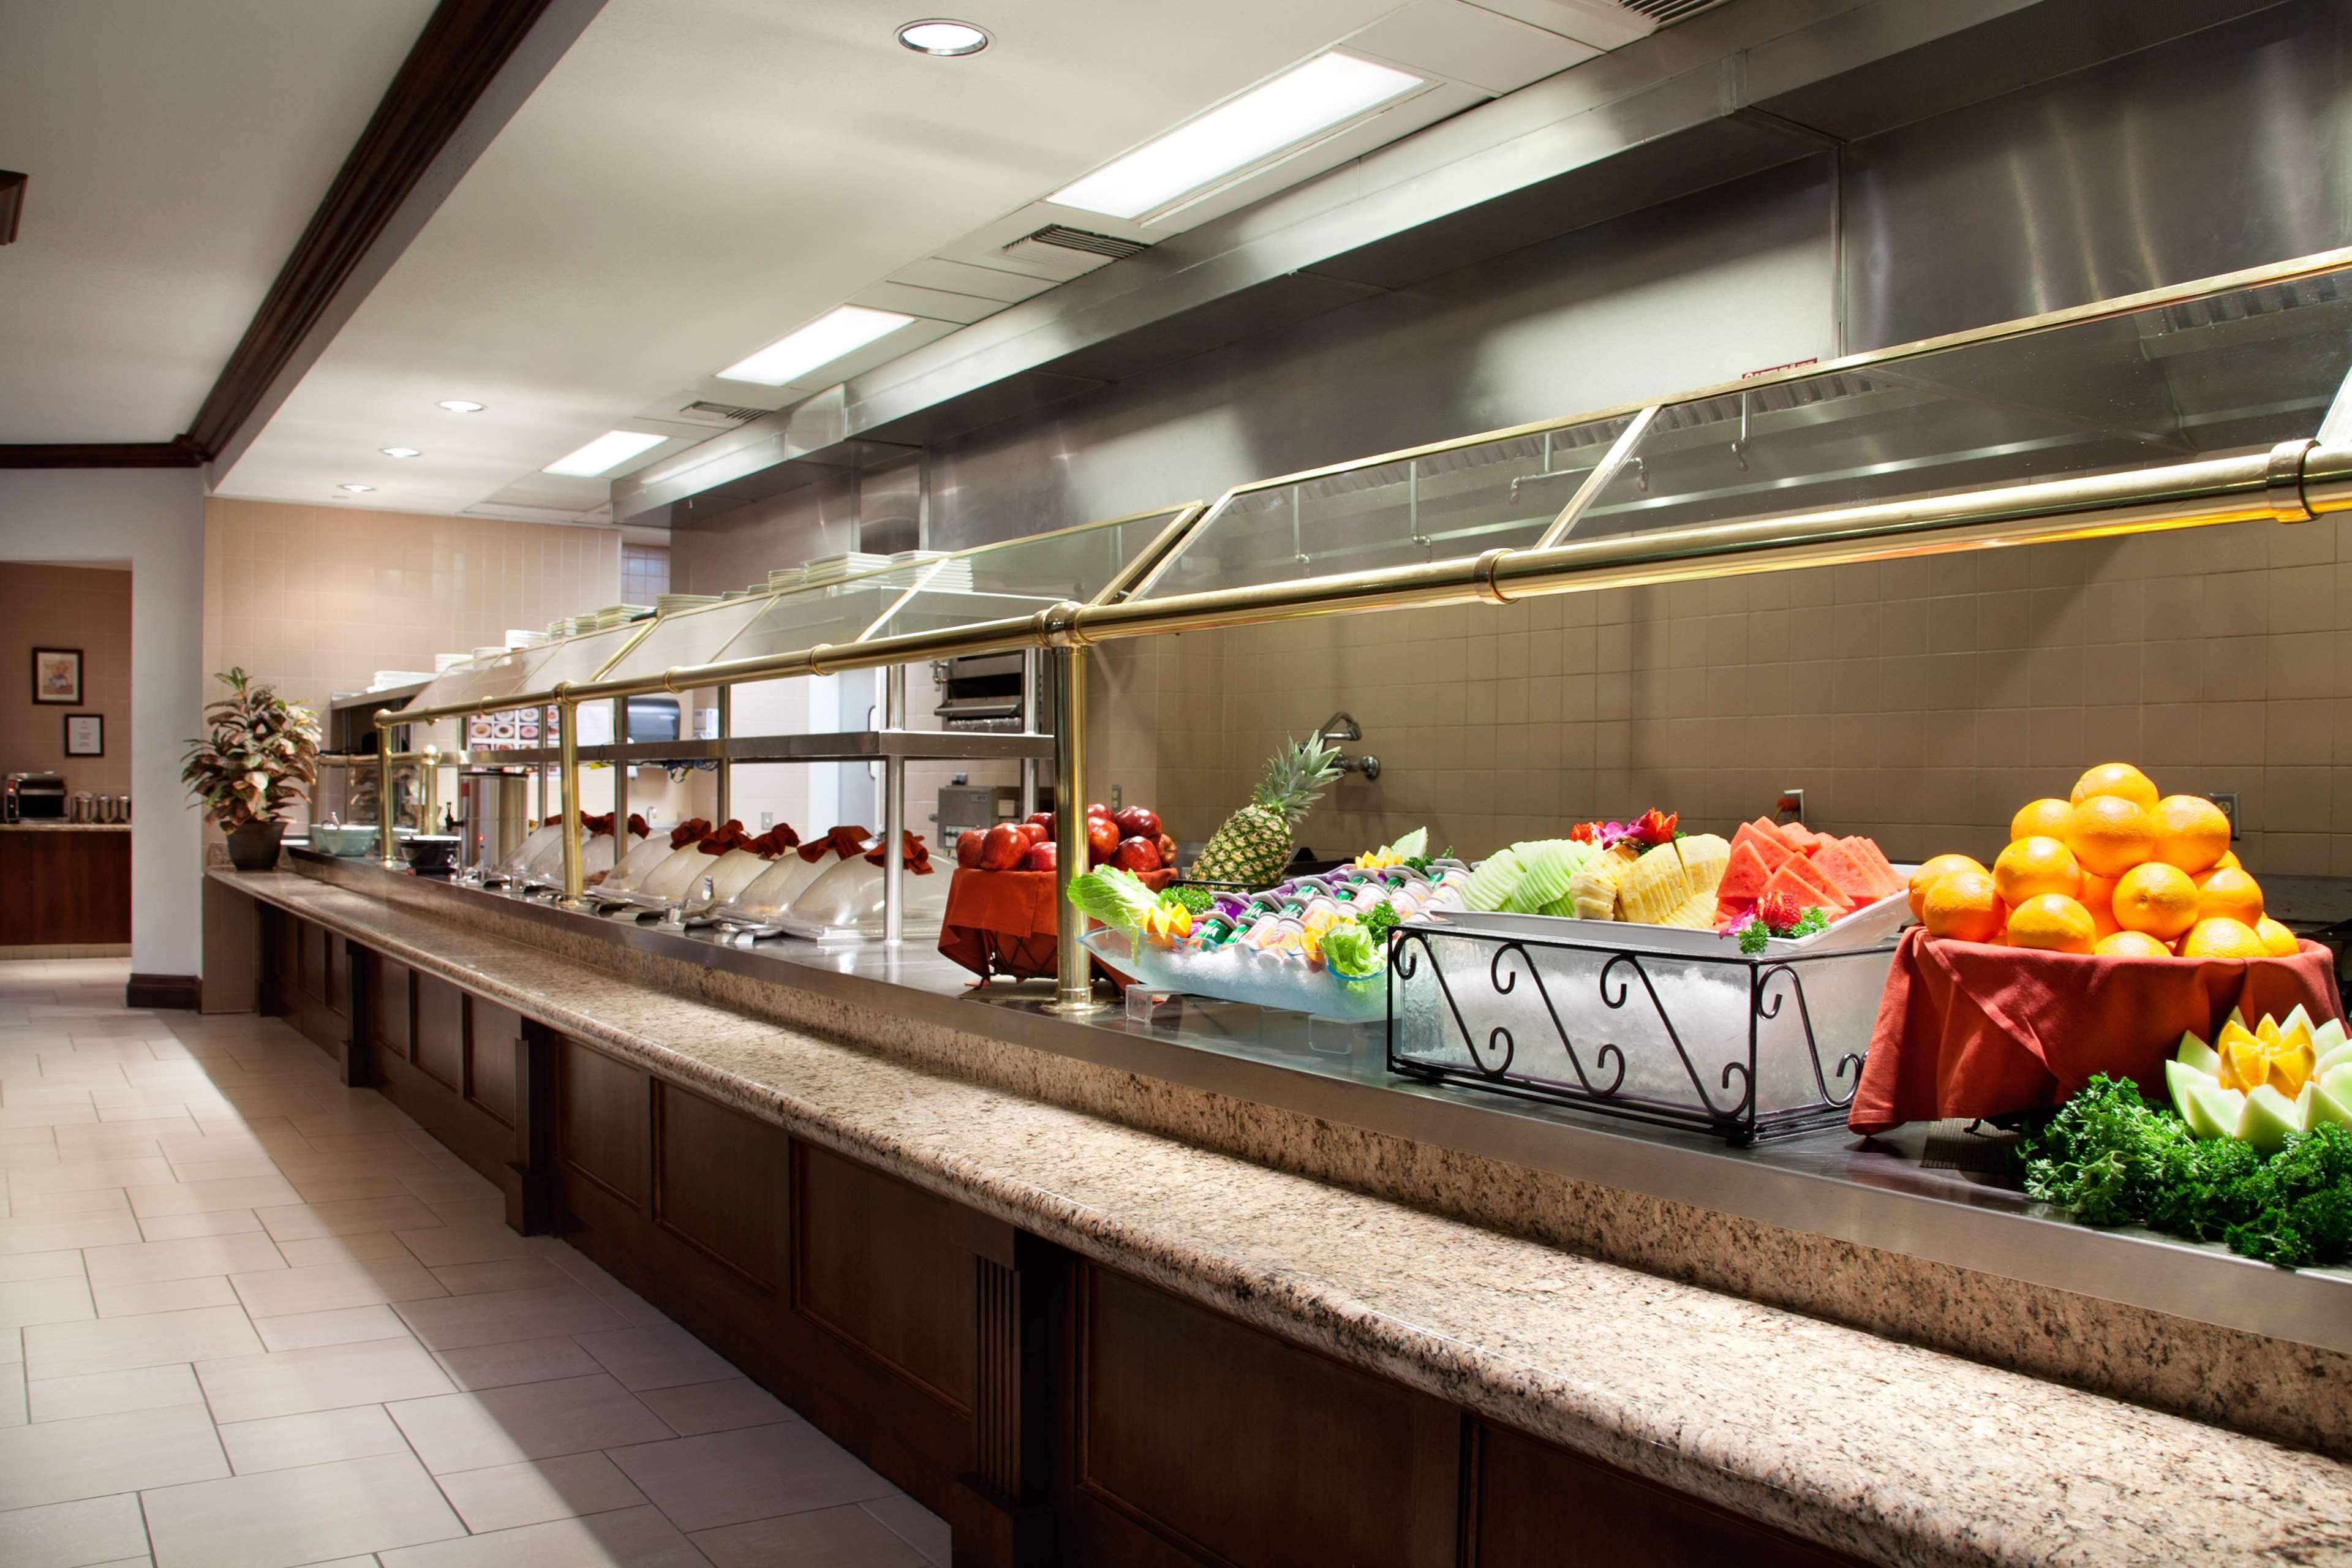 Embassy Suites by Hilton La Quinta Hotel & Spa image 12